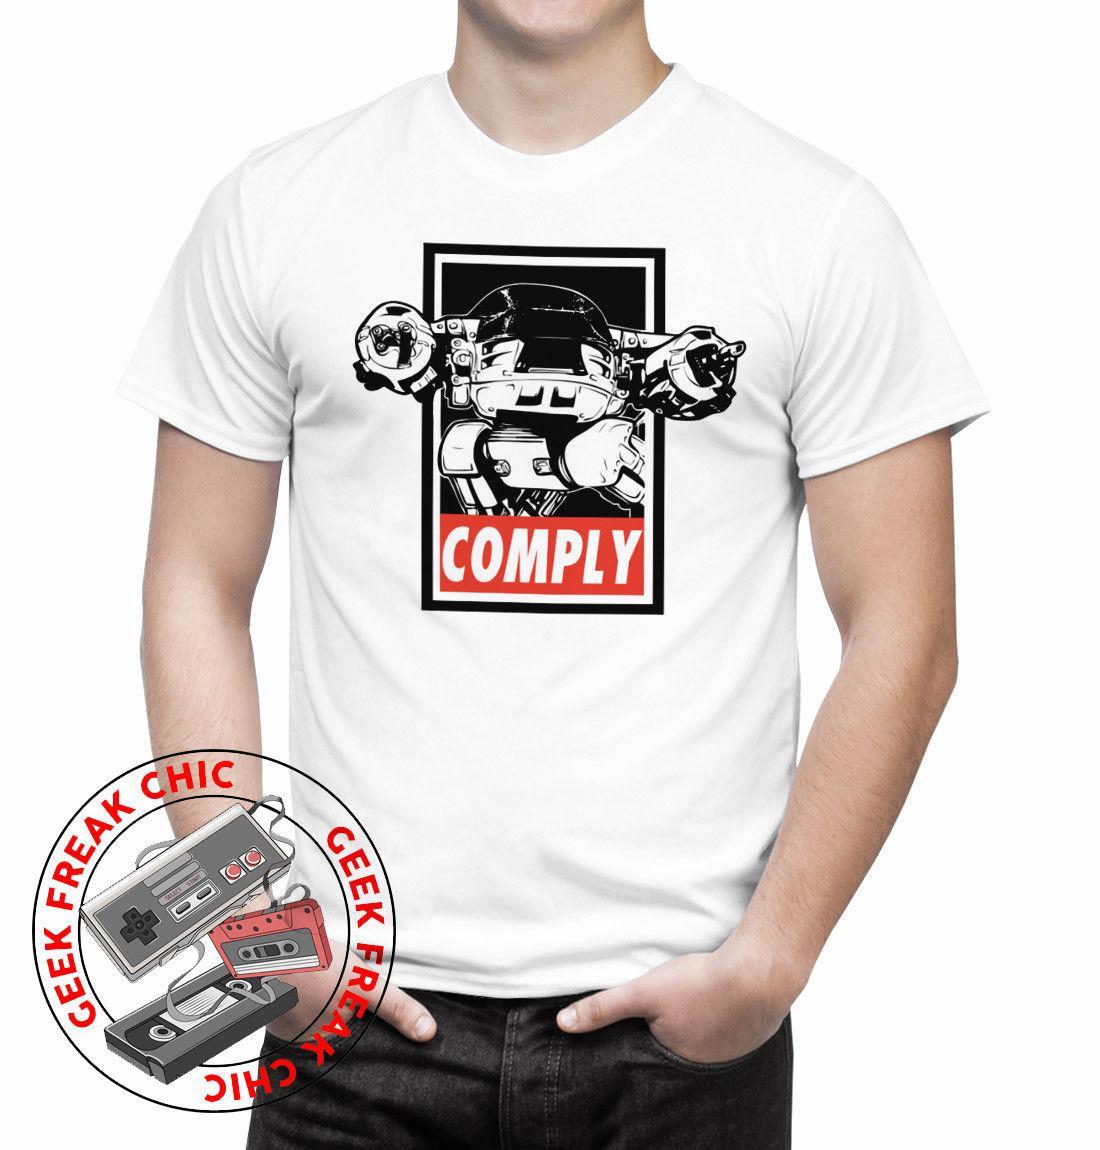 429c7969a Compre Robocop ED 209 COMPLY Camiseta Masculina Filmes 80s Alex Murphy  Ficção Científica De Mentality80, $11.48 | Pt.Dhgate.Com